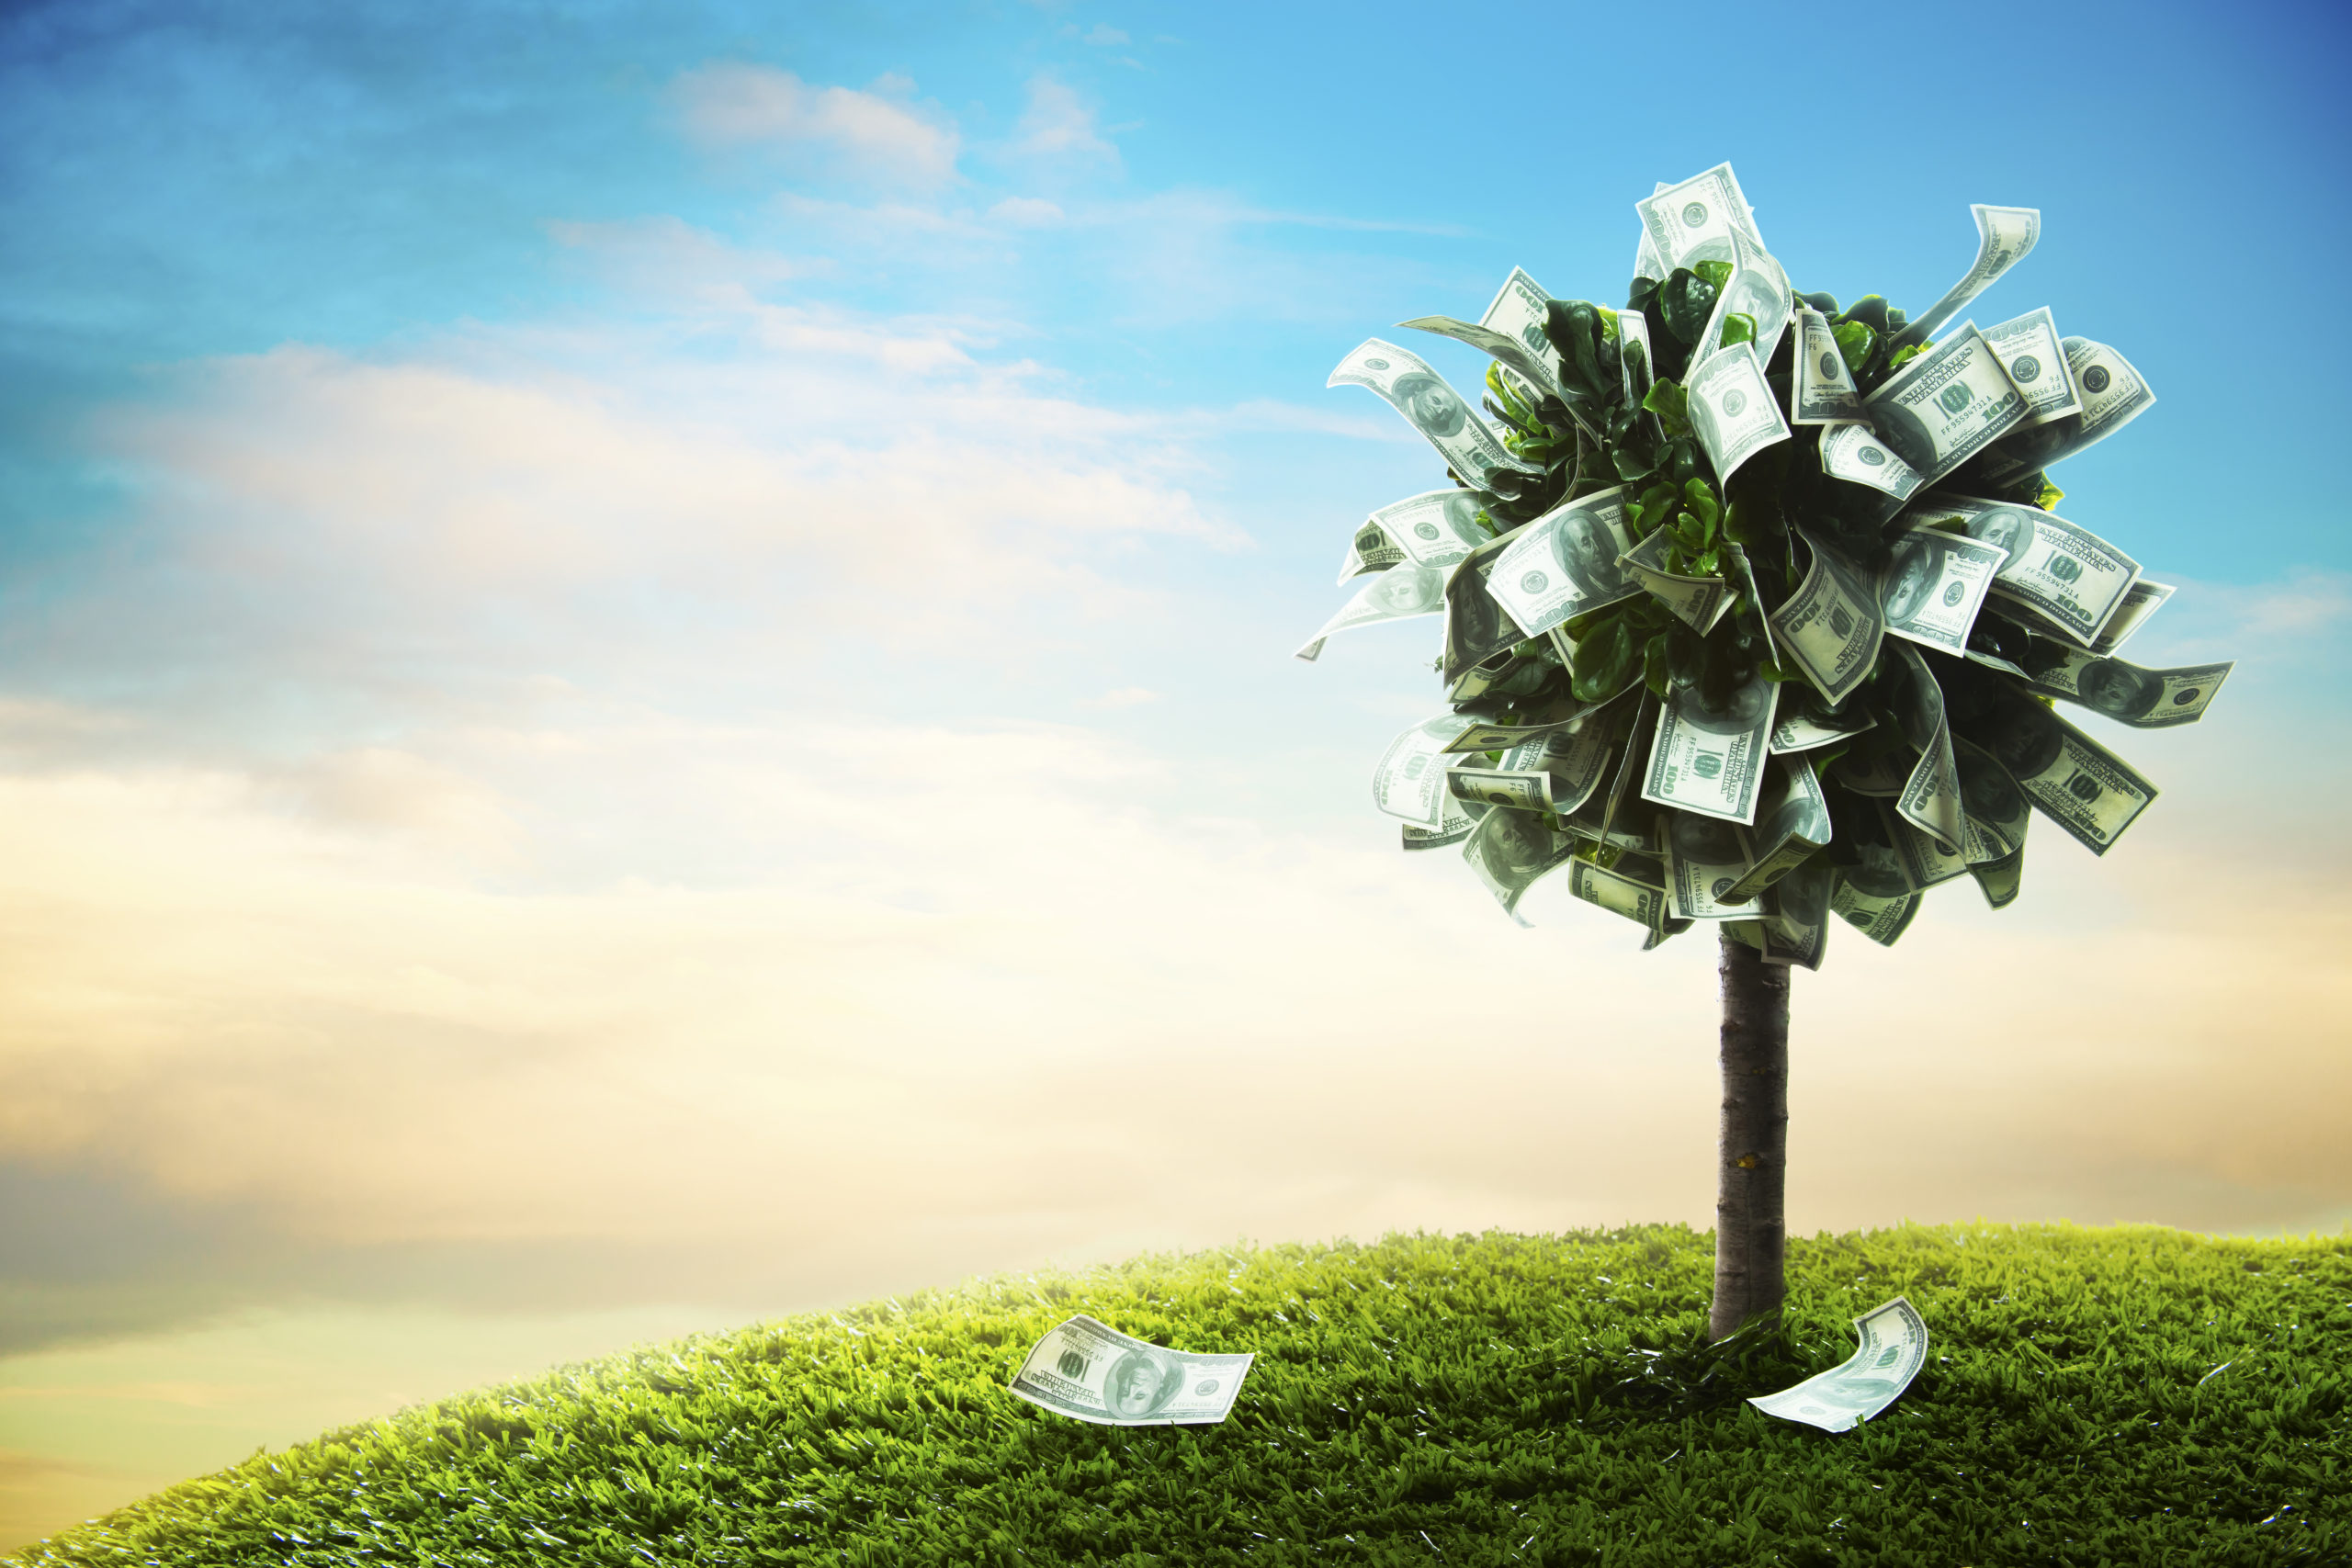 Un mes sin gastar nada, el reto que promete mejorar tus finanzas